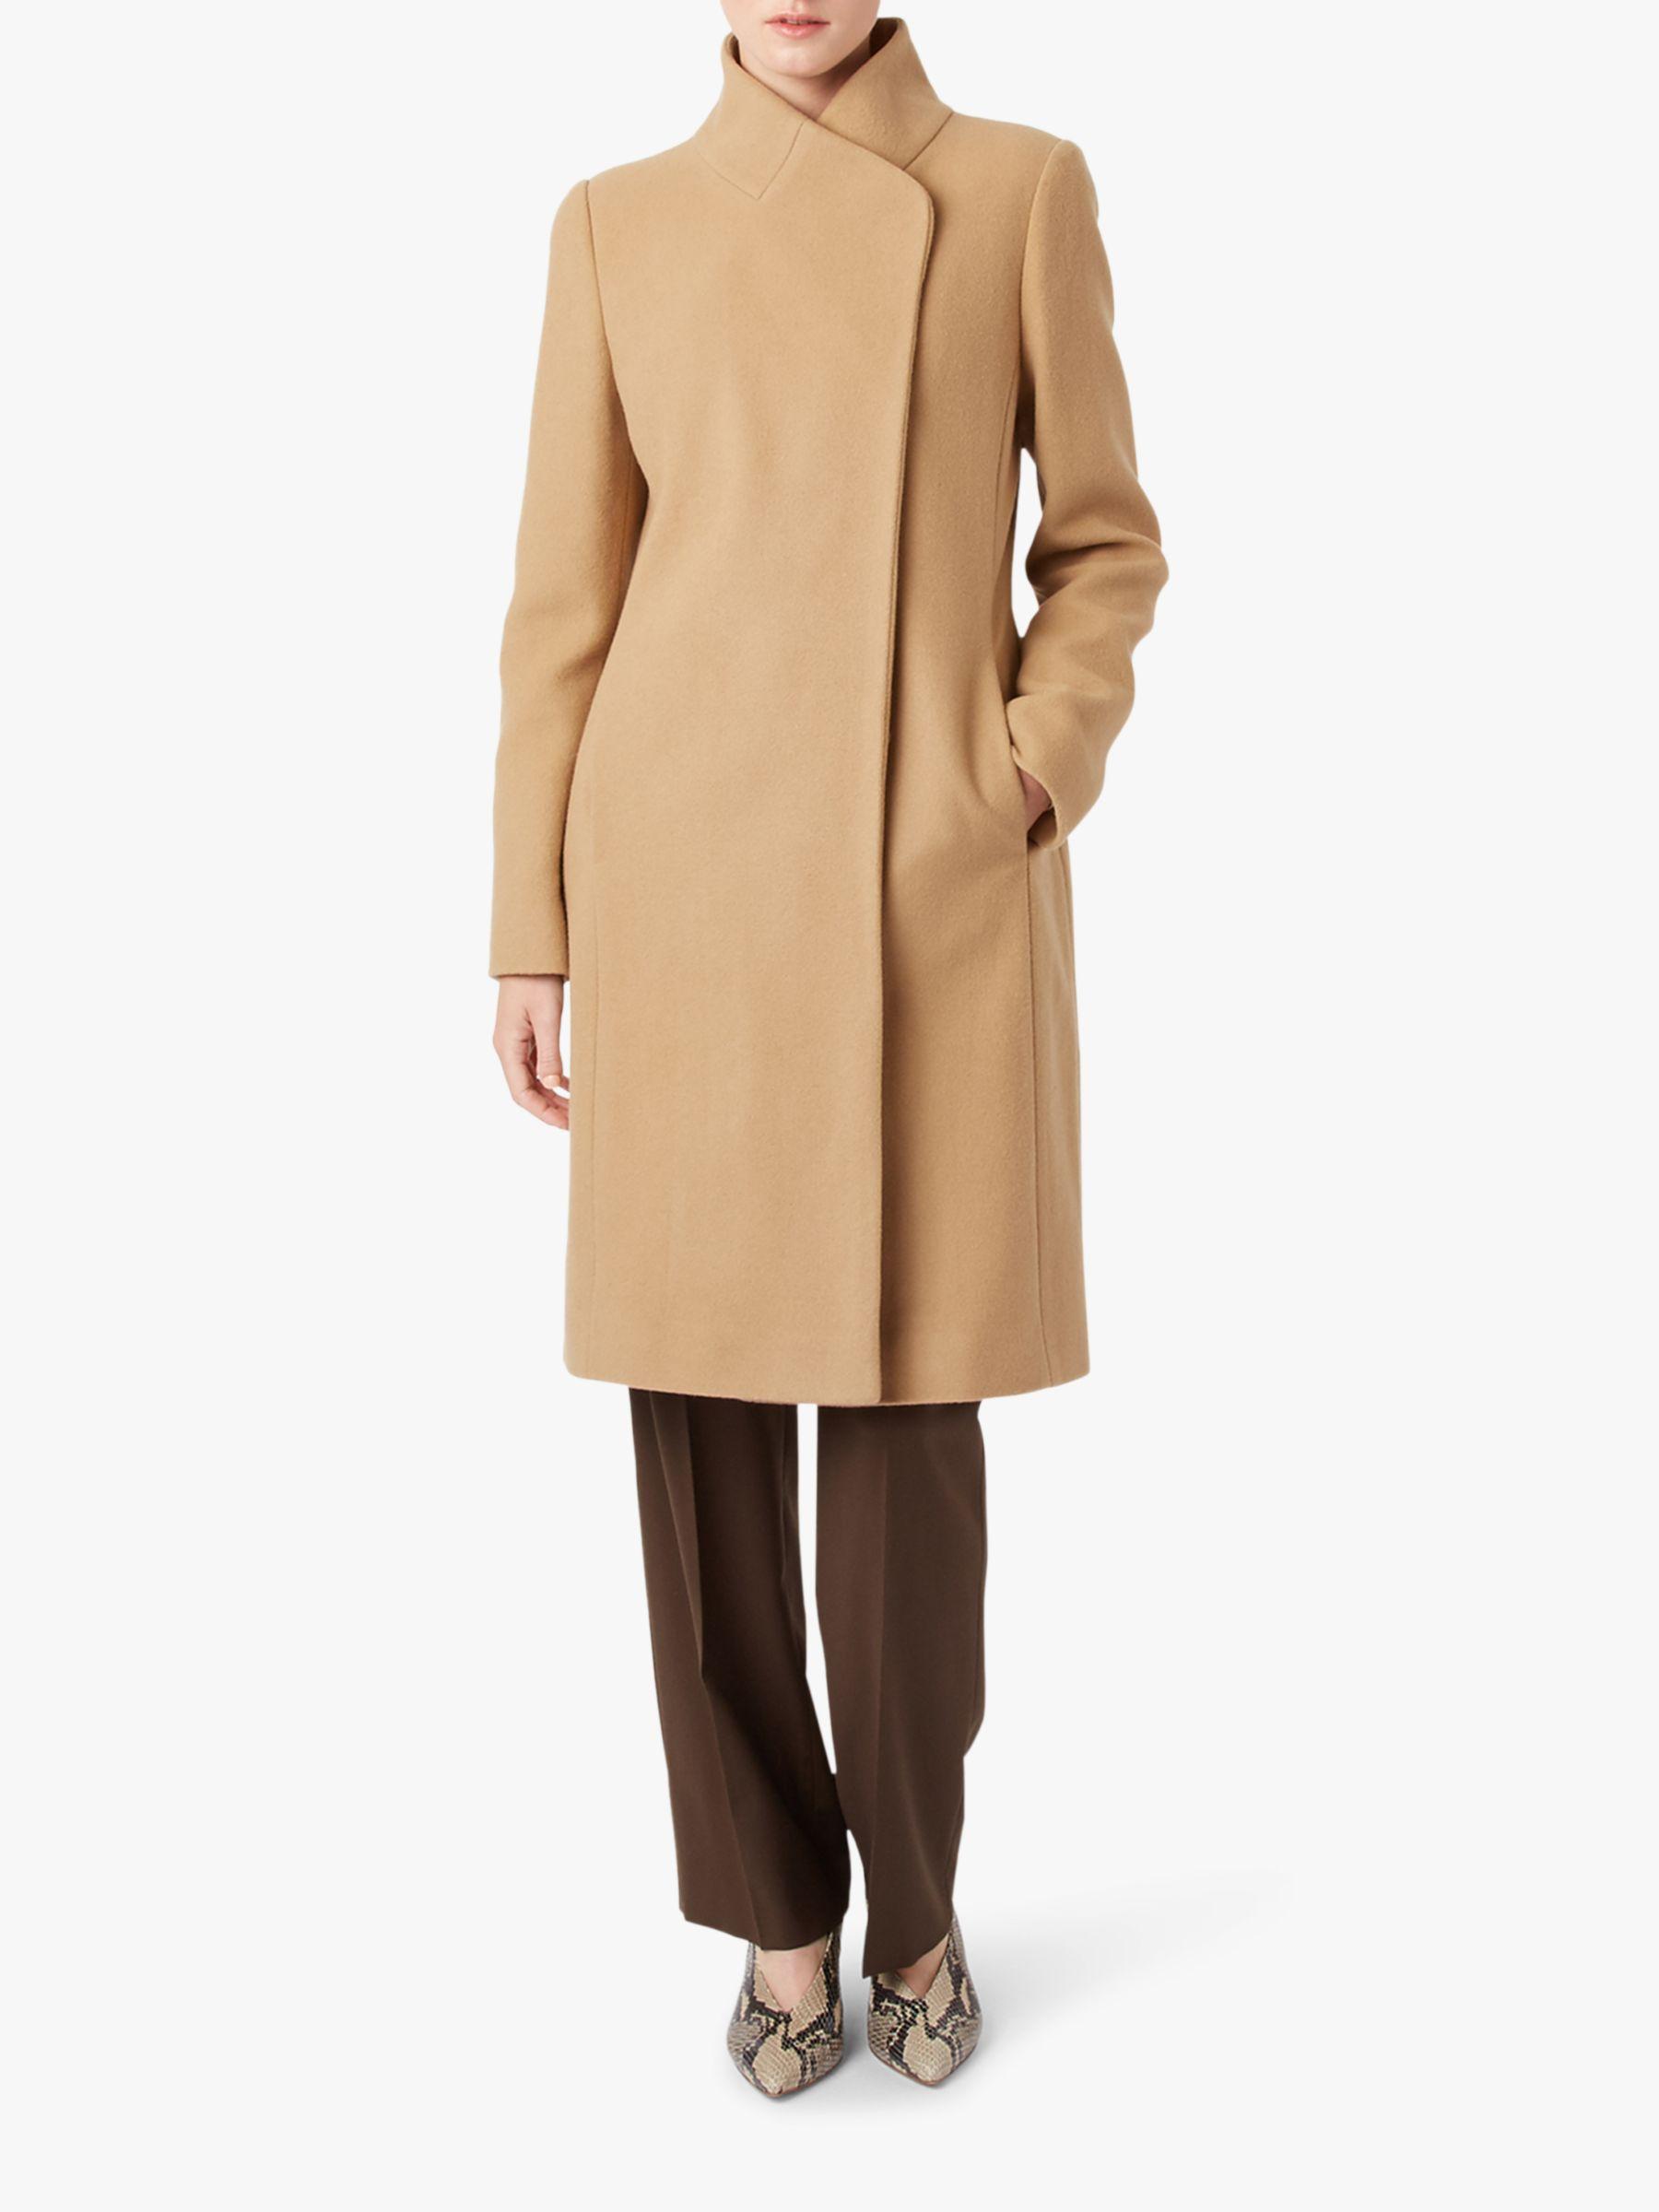 Hobbs Romy Coat, Camel at John Lewis